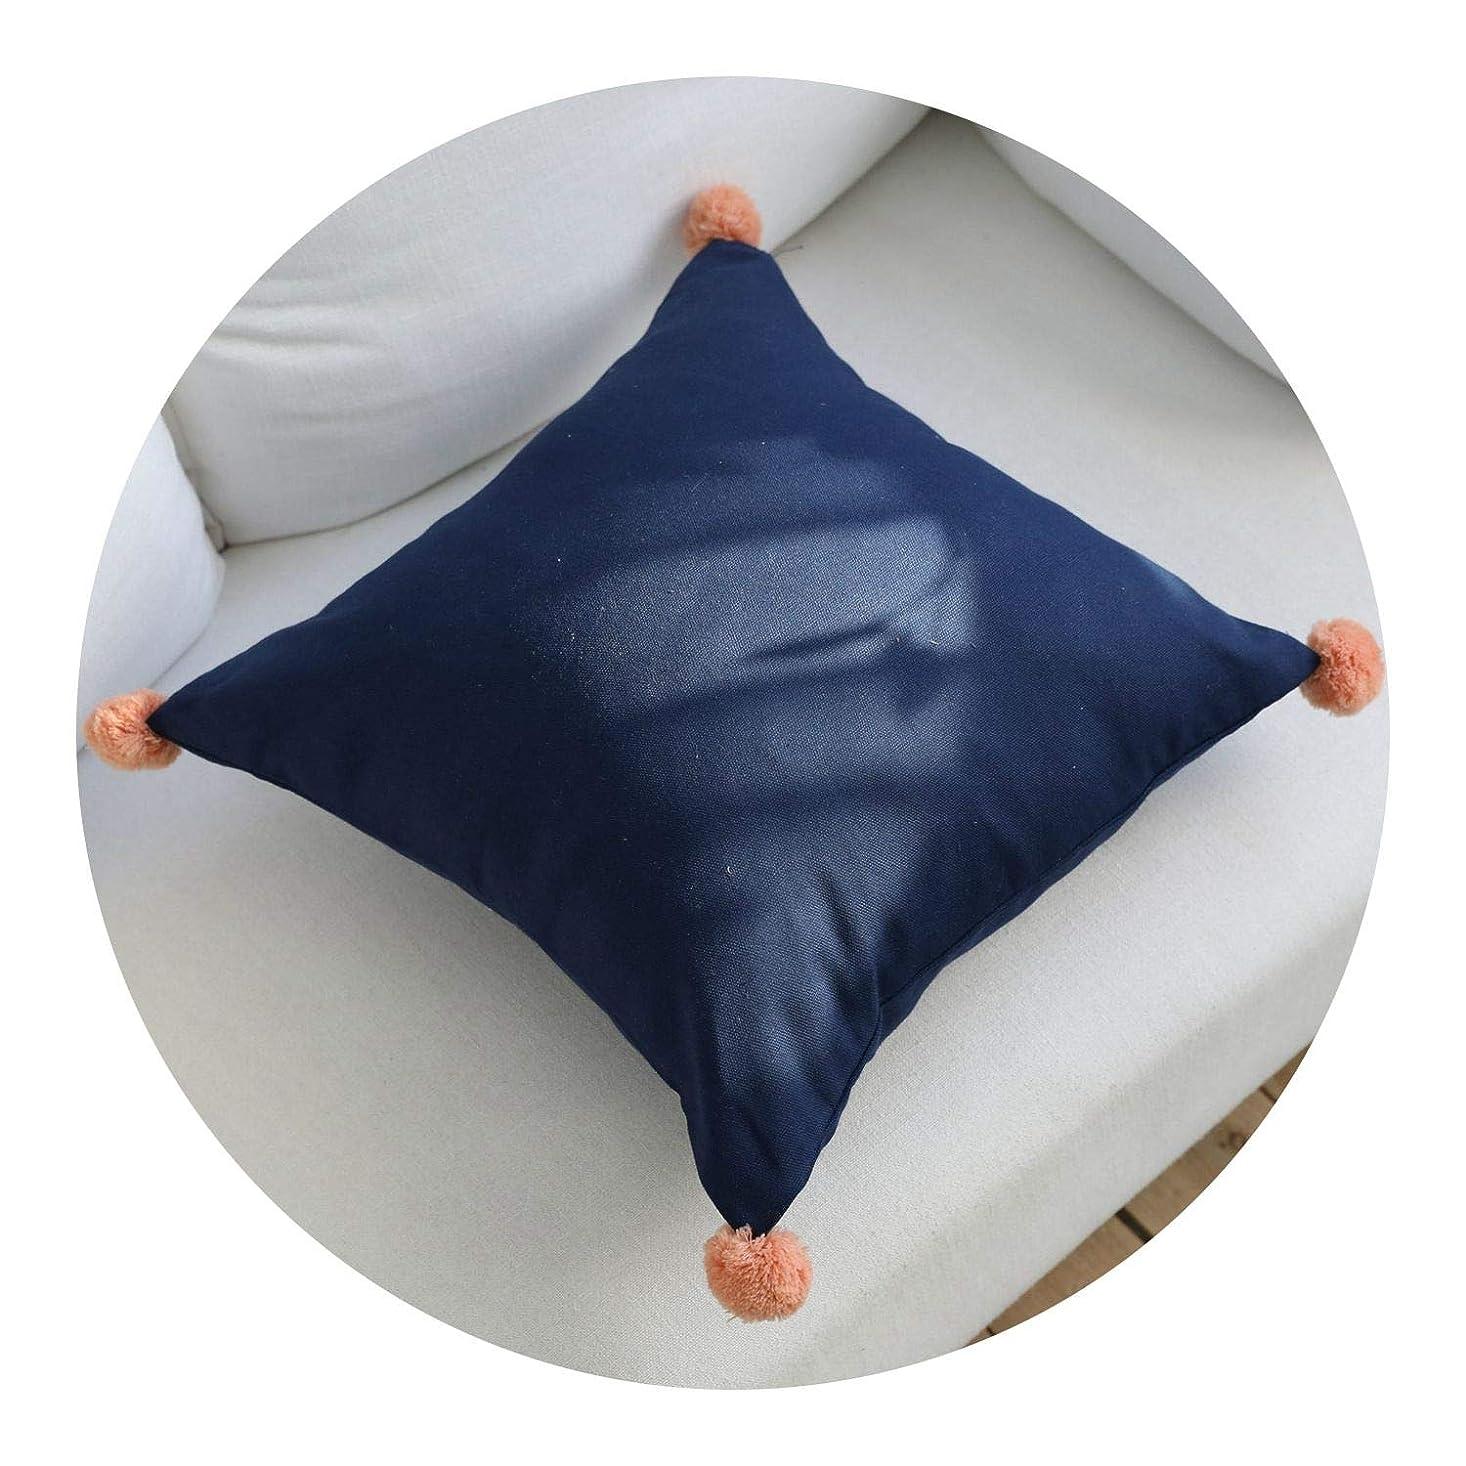 病気のイヤホン不安綿の枕 和風 シンプル 枕,ネイビーブルーオレンジボール抱き枕カバー,45 * 45cm